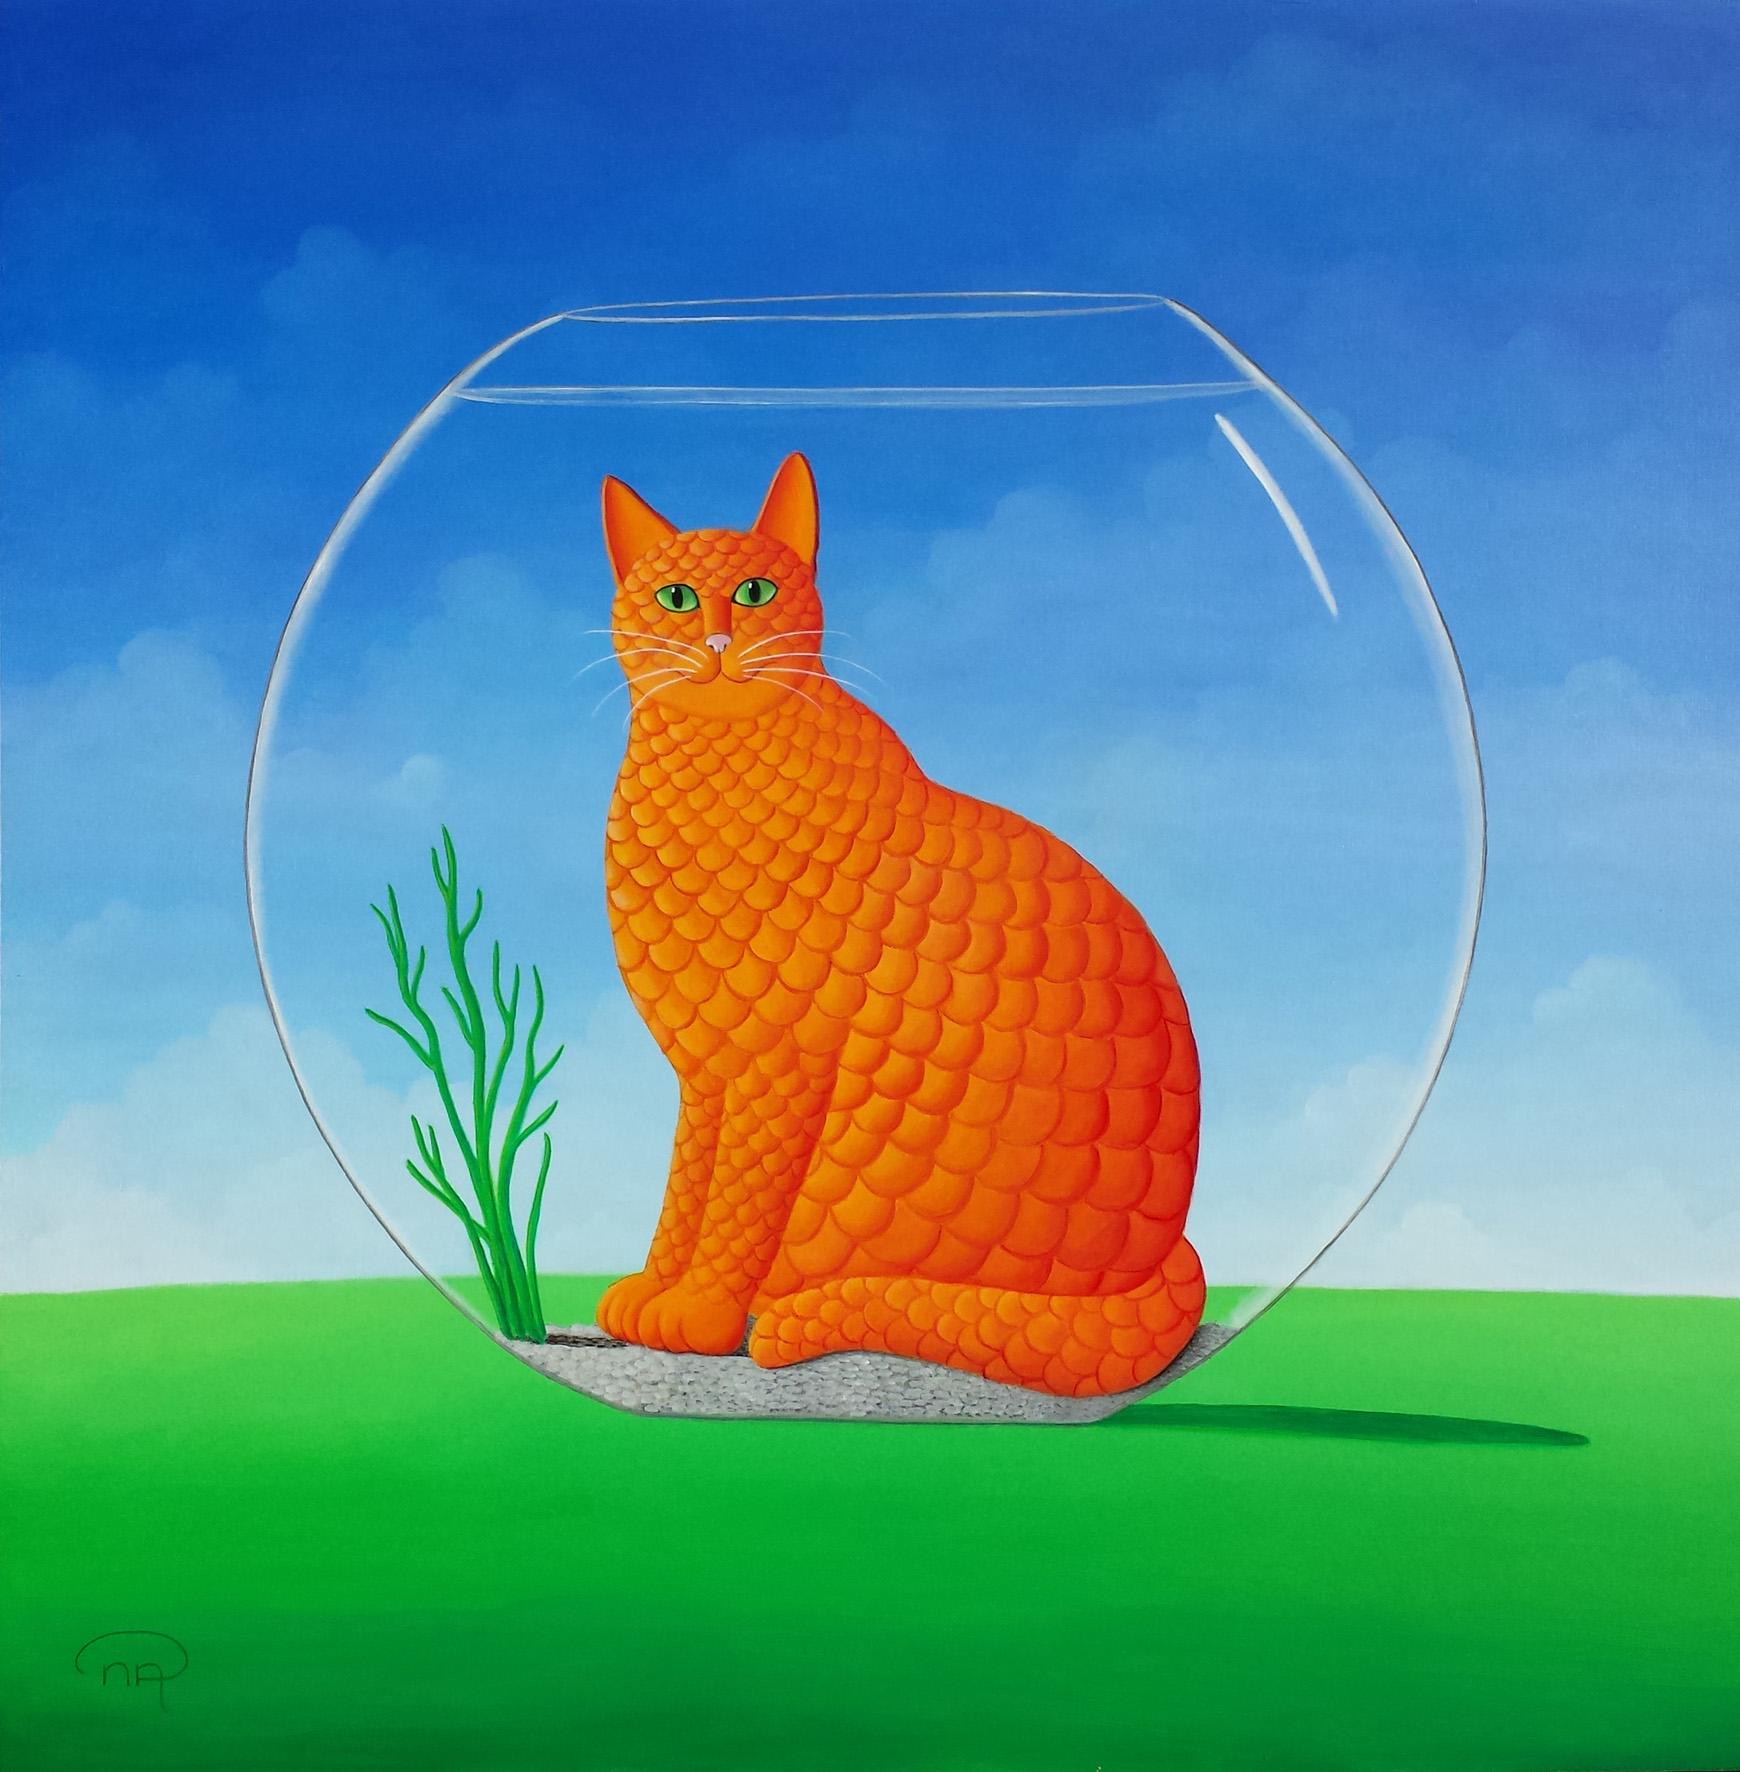 Le poisson chat 150dpi